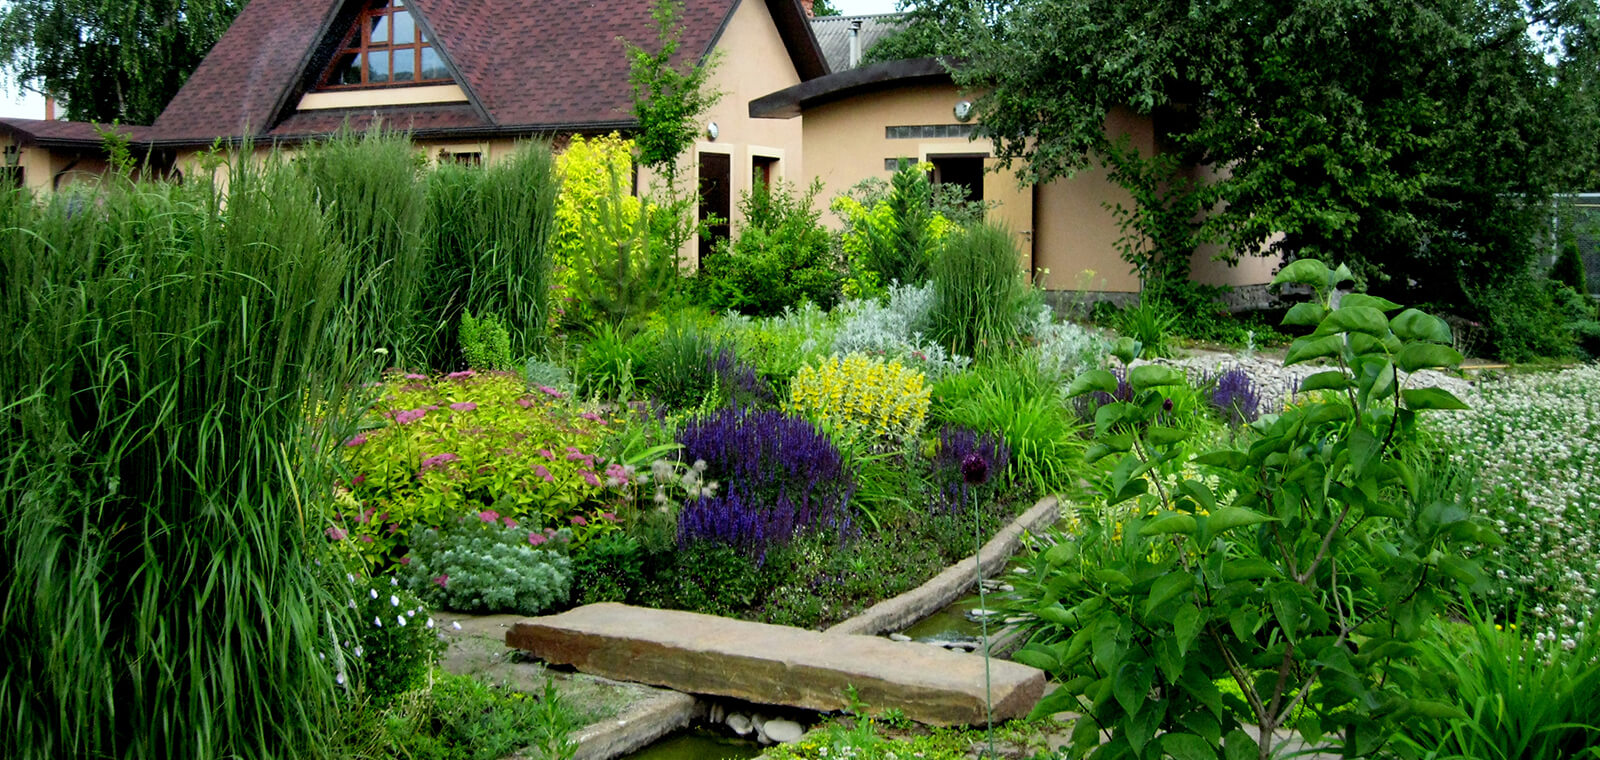 Сад в природном стиле ландшафтного дизайна: какие растения выбрать, как оформить и украсить